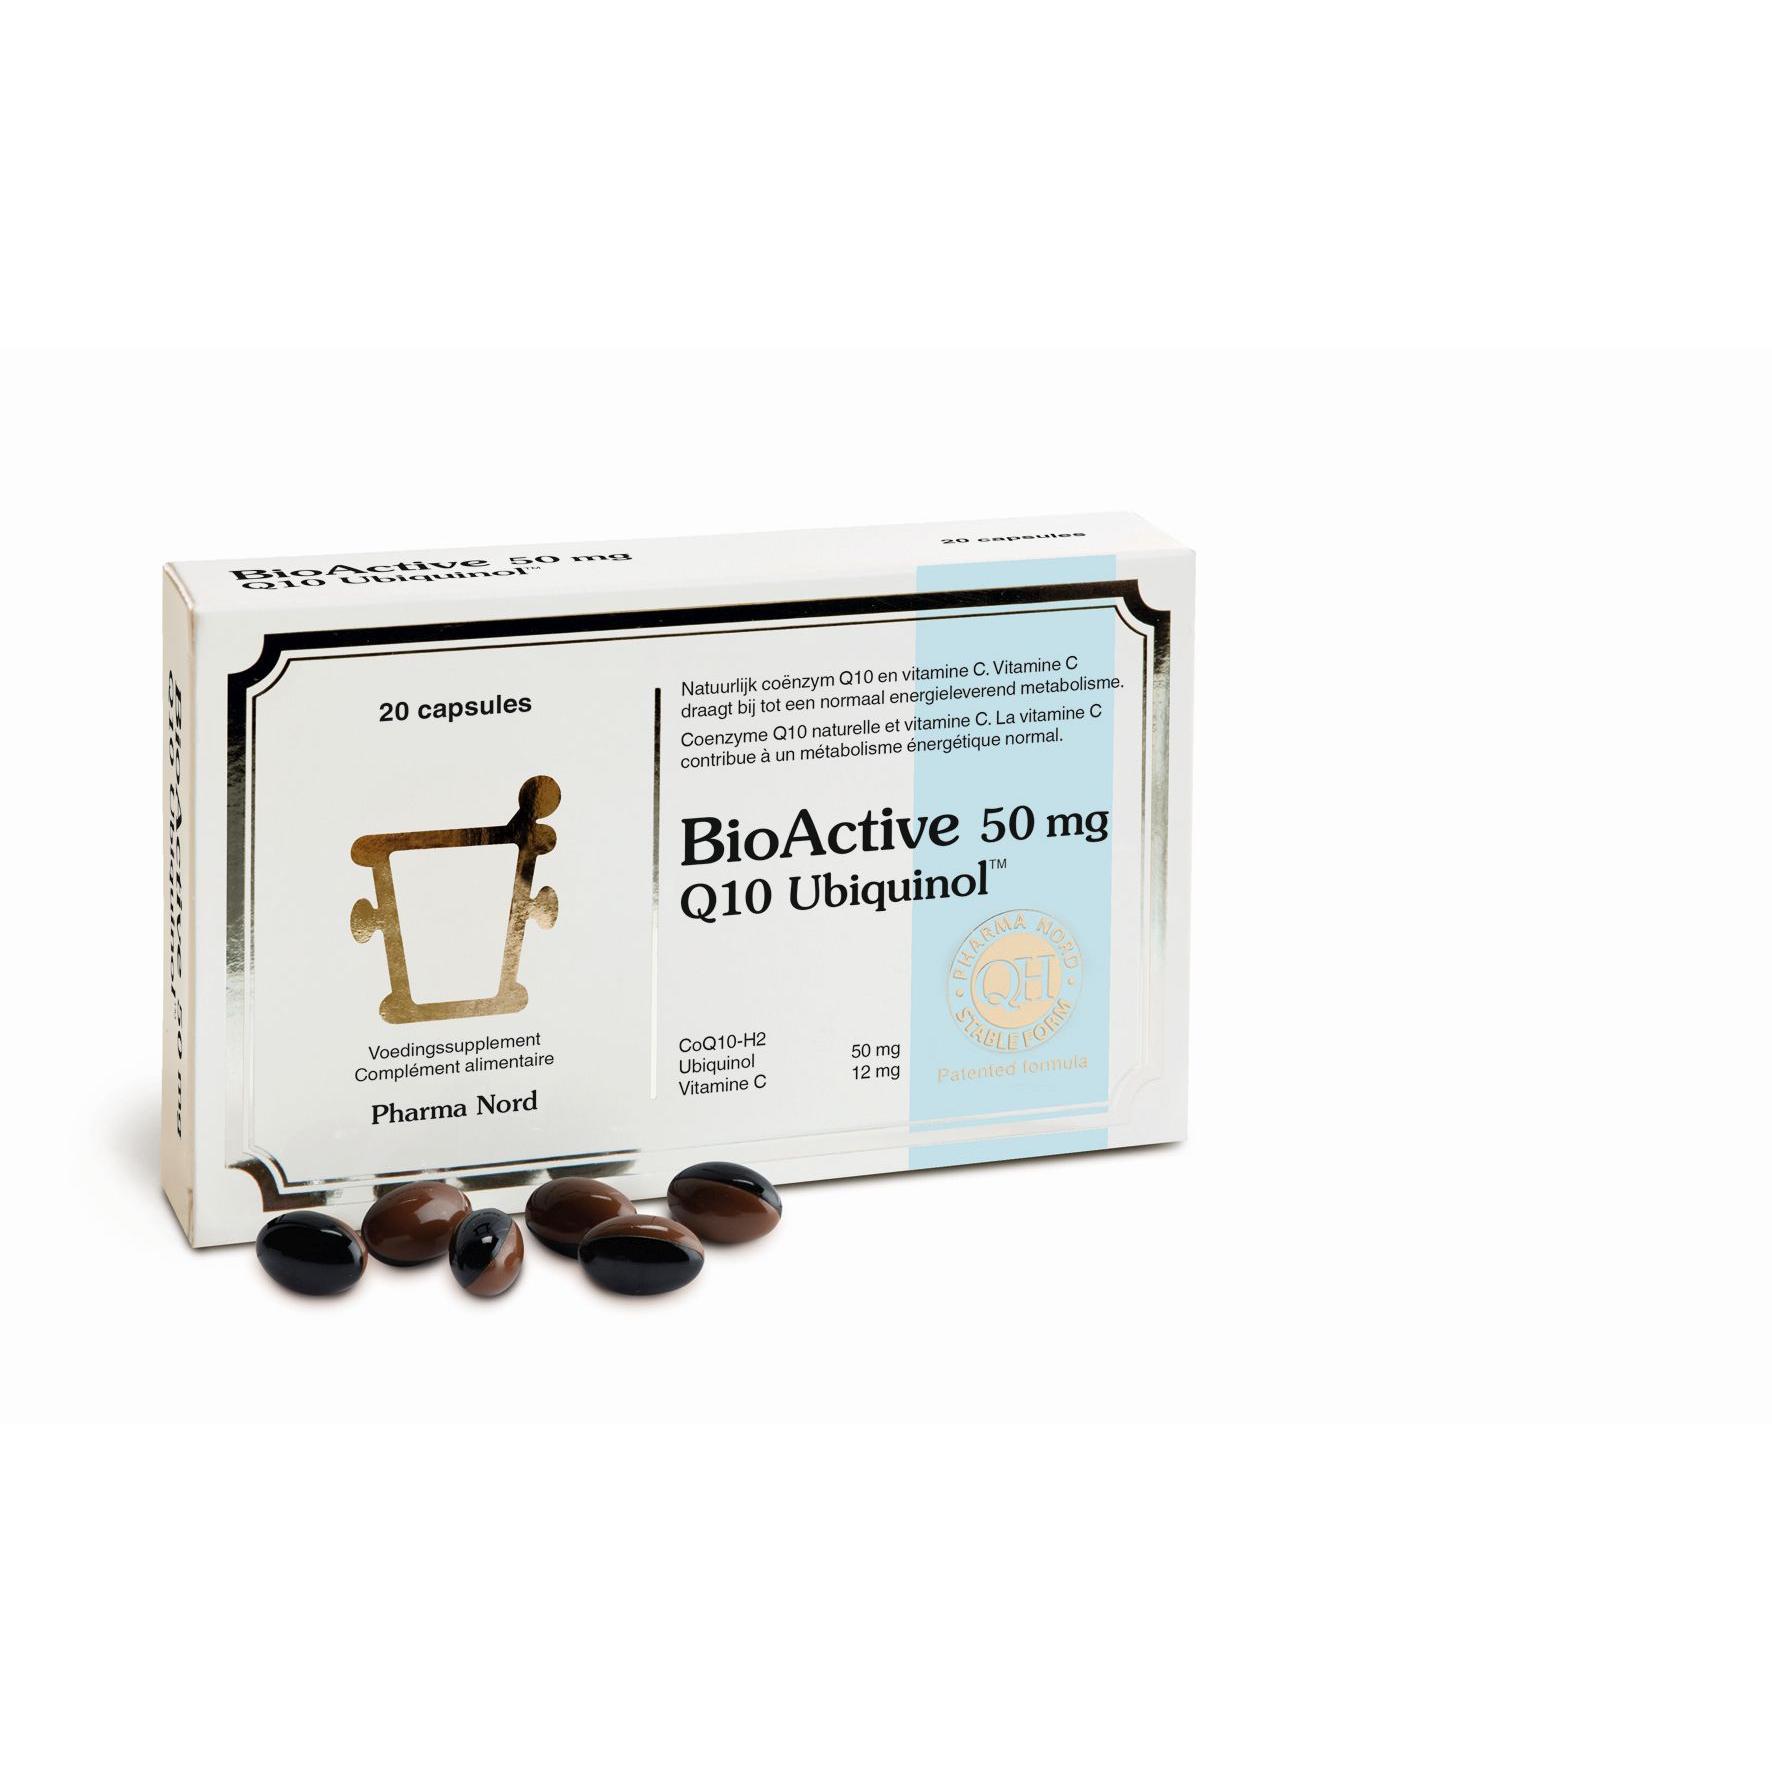 Image of BioActive Q10 50mg Pharma Nord